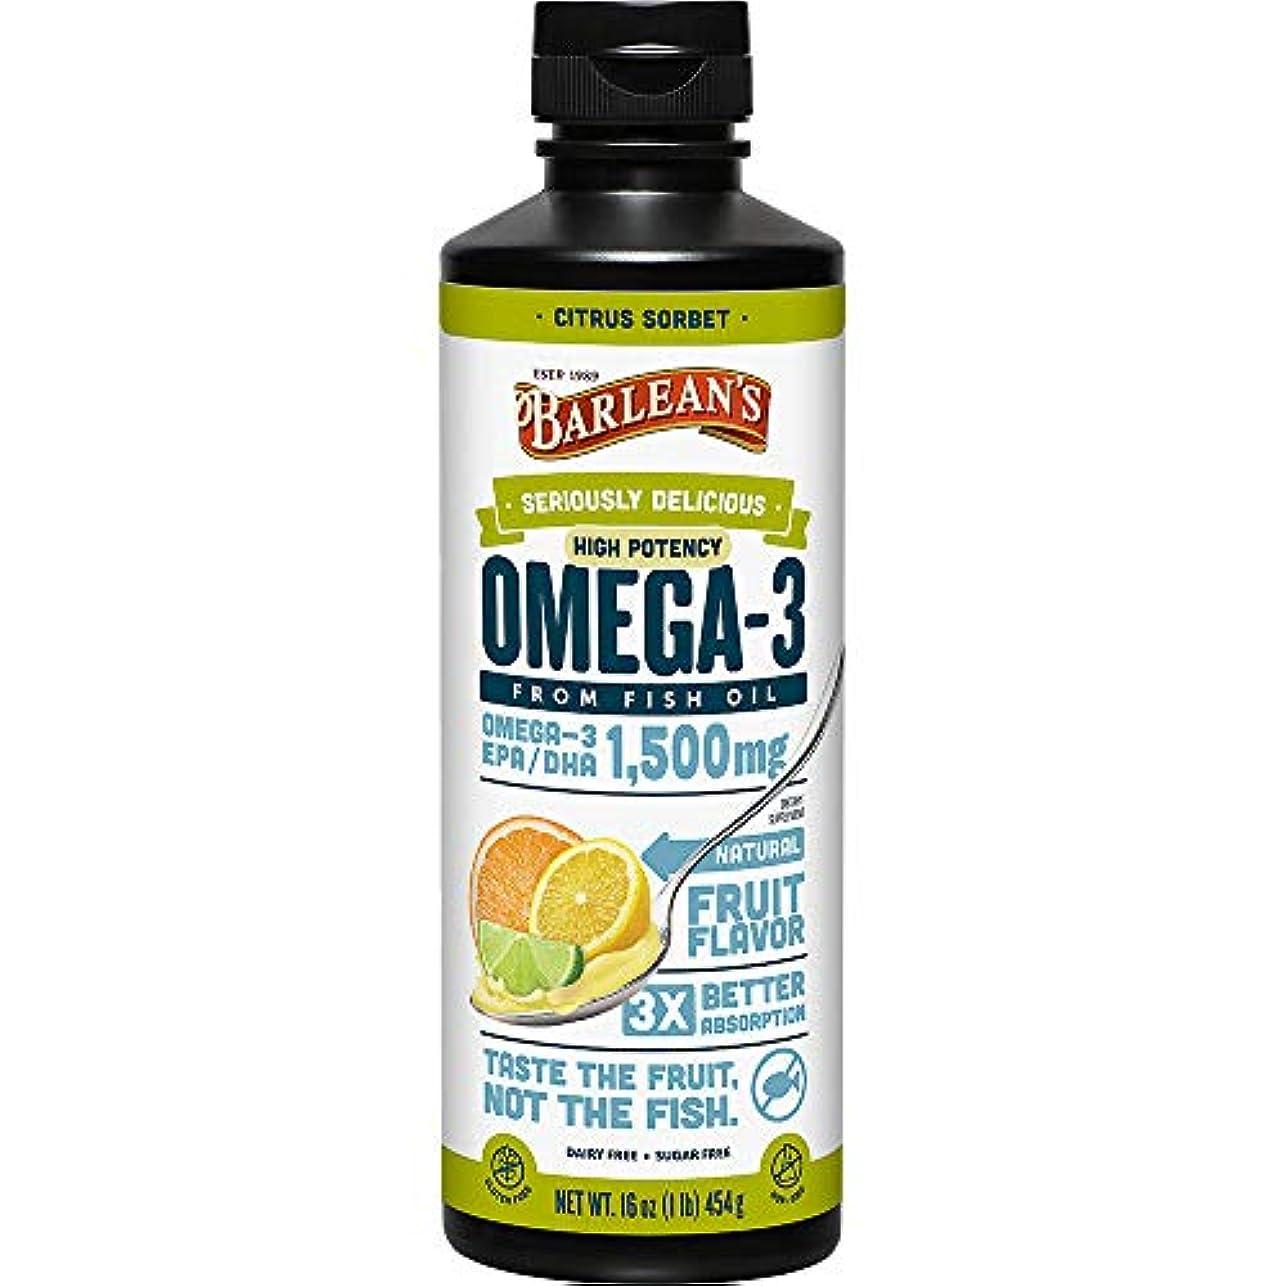 出撃者メディカルカナダOmega Swirl, Ultra High Potency Fish Oil, Citrus Sorbet - Barlean's - UK Seller by Barlean's